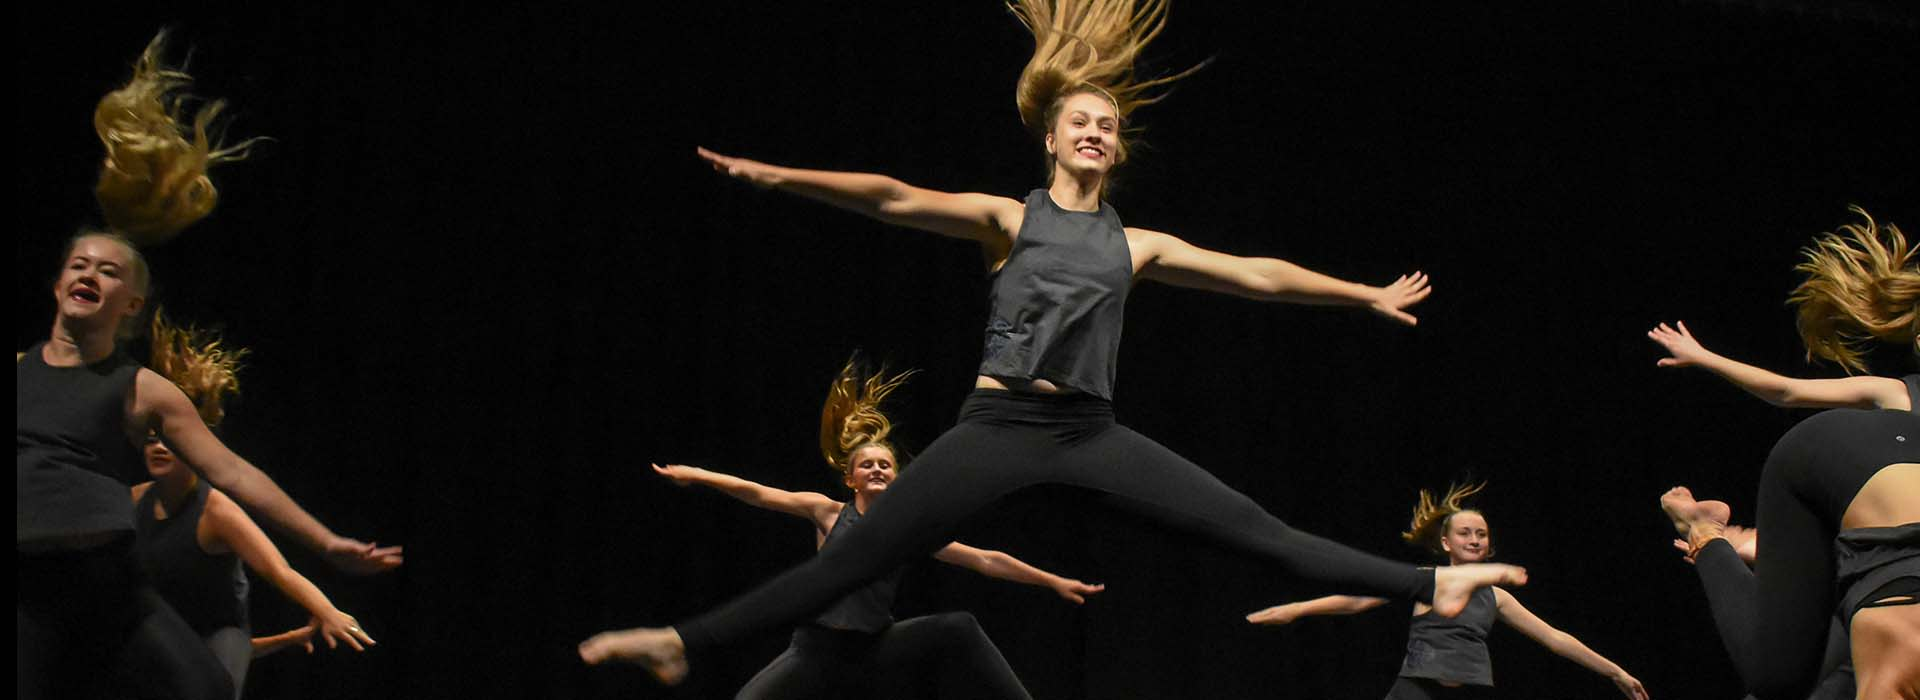 hook up op school dans